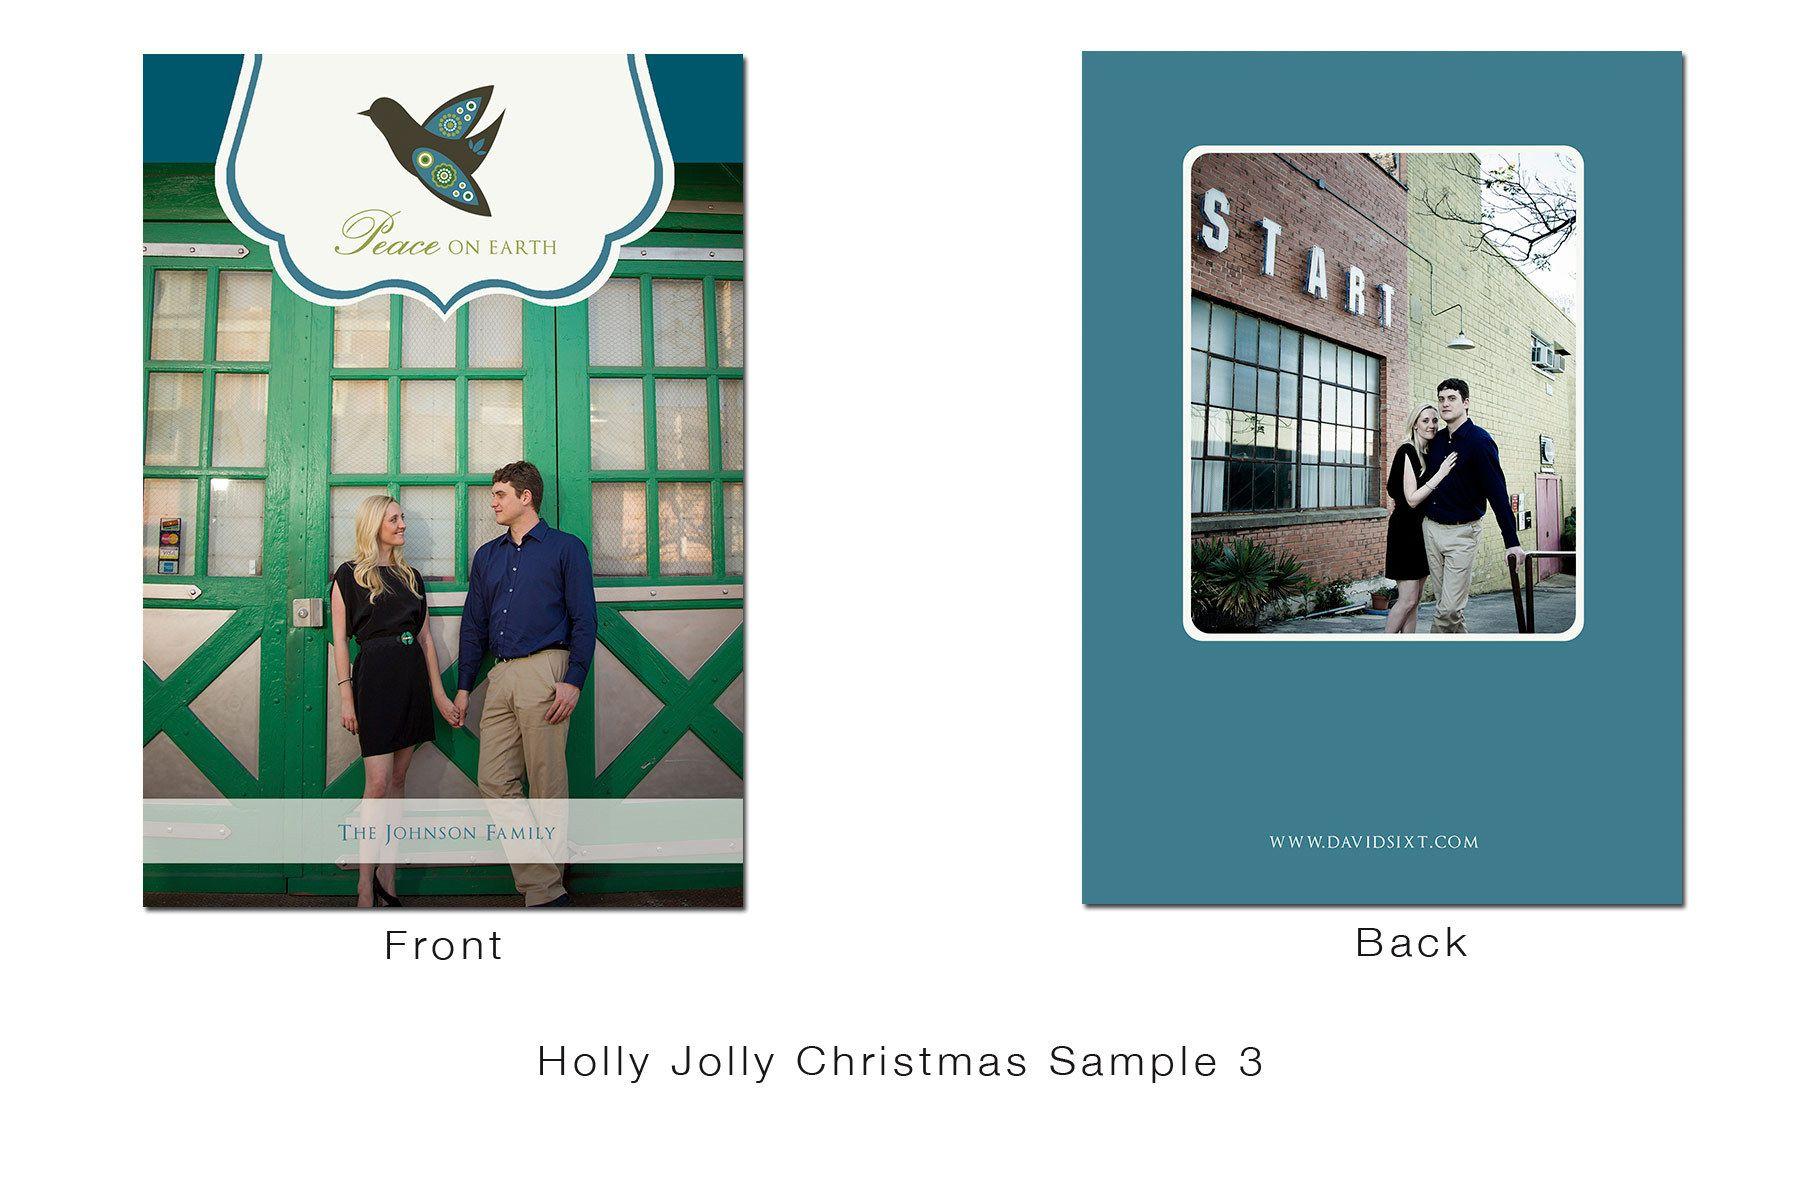 1holly_jolly_christmas_sample_3.jpg